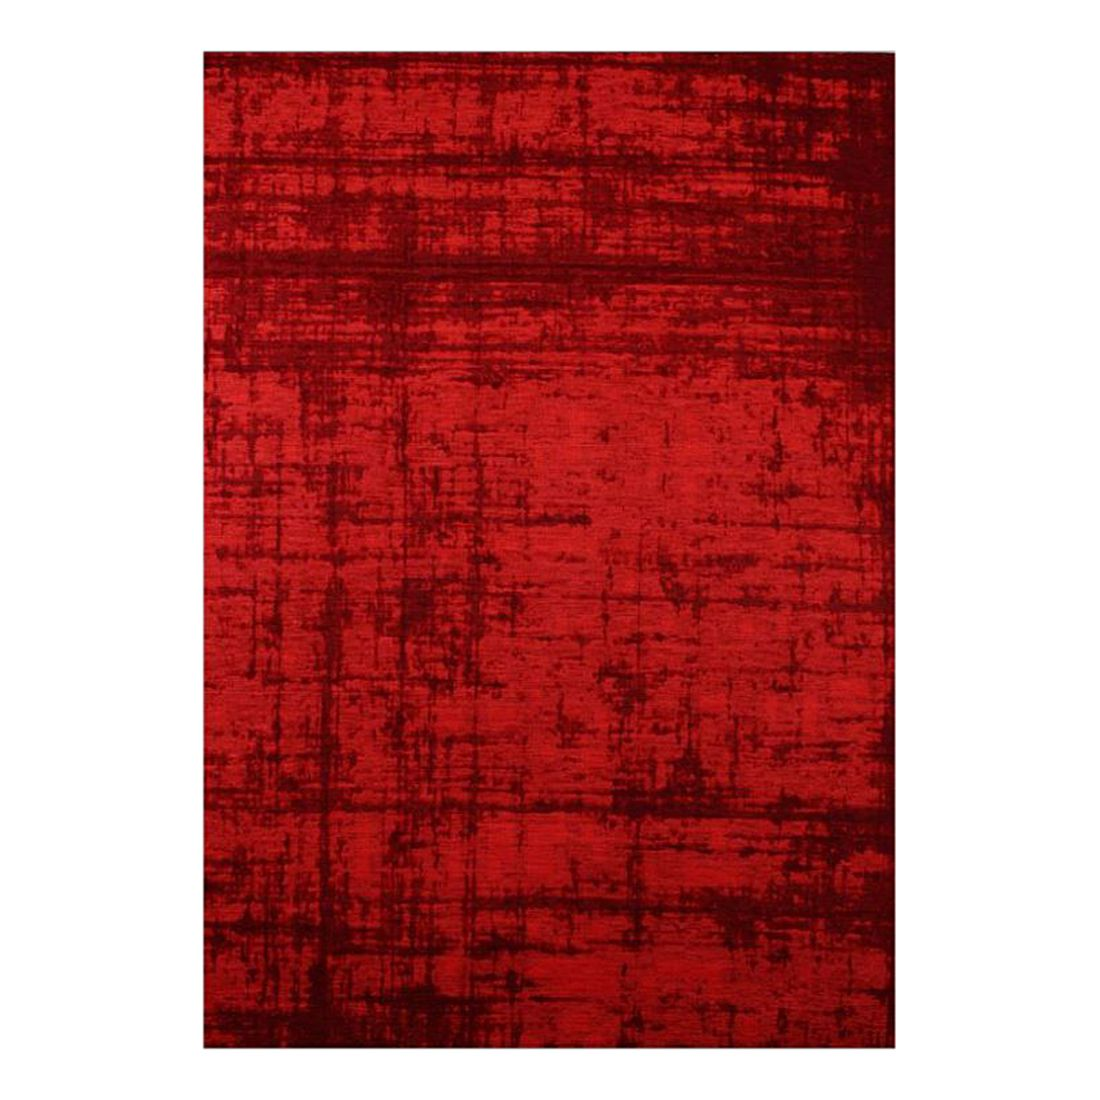 Teppich Retro Lounge VIII – 170 x 230 cm, Schöngeist & Petersen bestellen